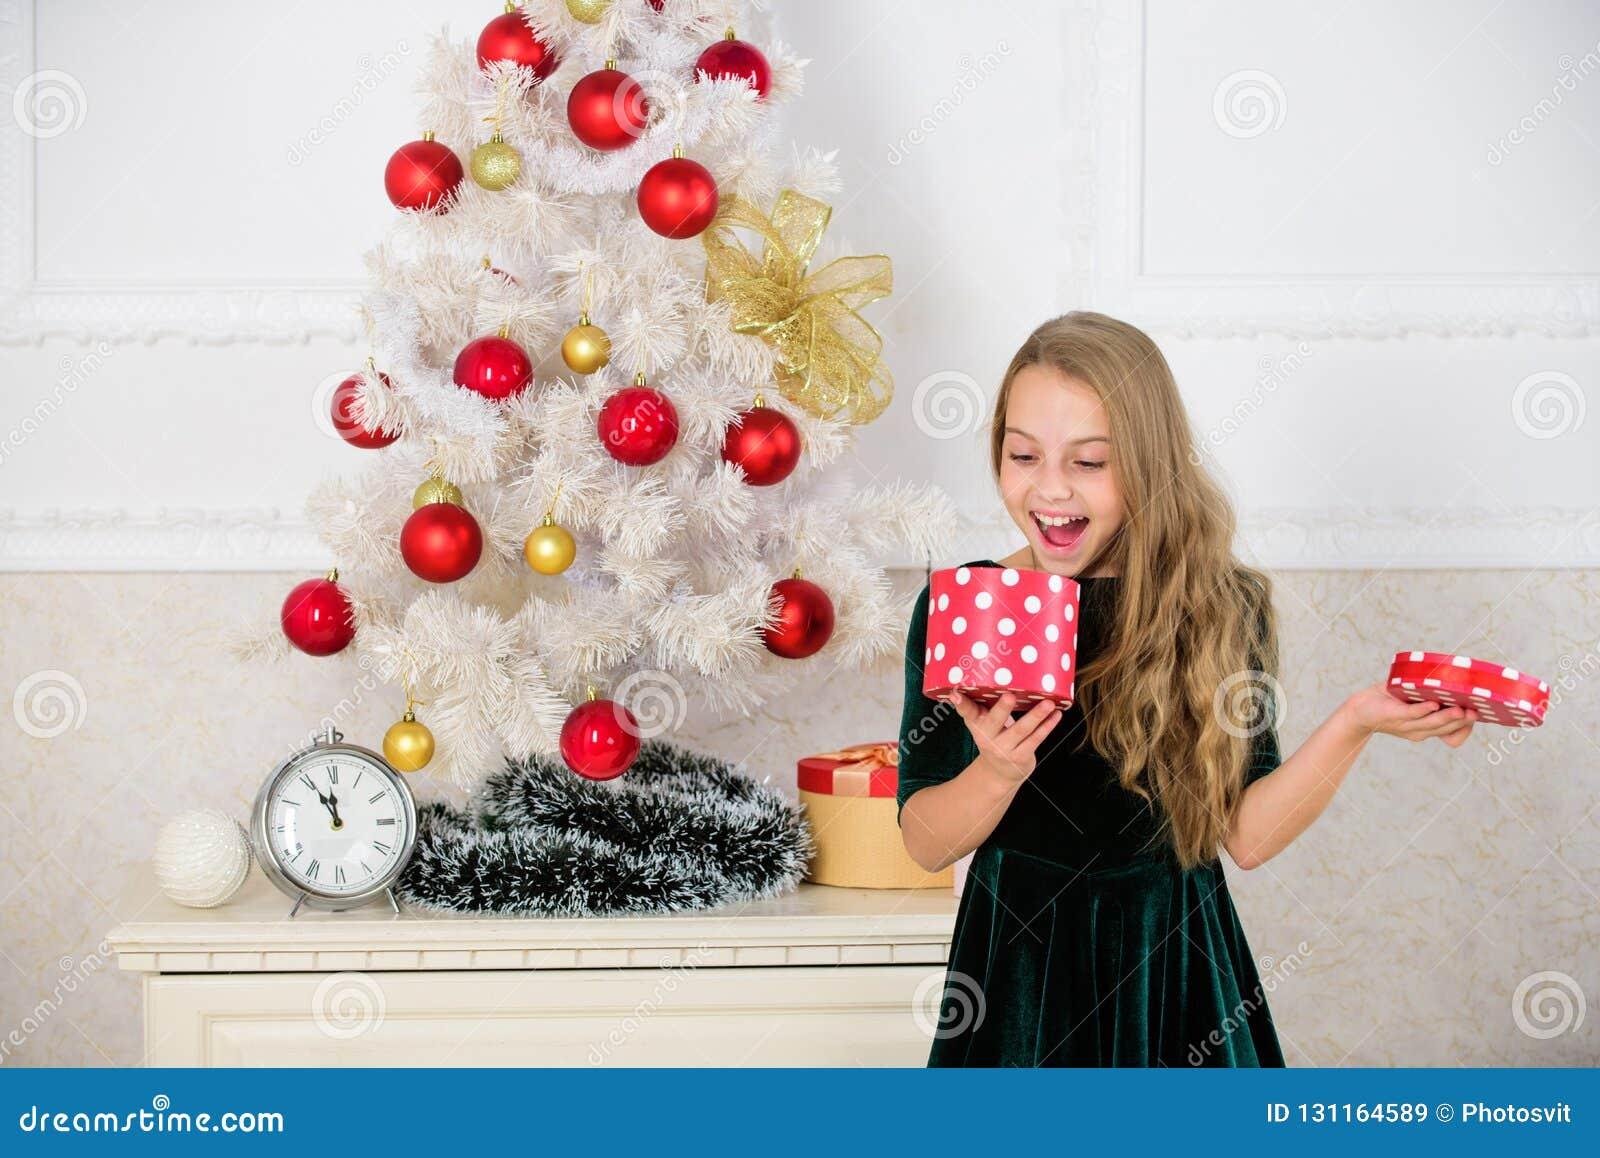 Αγαπημένη ημέρα του έτους Χρόνος να ανοιχτούν τα δώρα Χριστουγέννων Ανοίγοντας χριστουγεννιάτικα δώρα ελάτε όνειρα αληθινά απομον